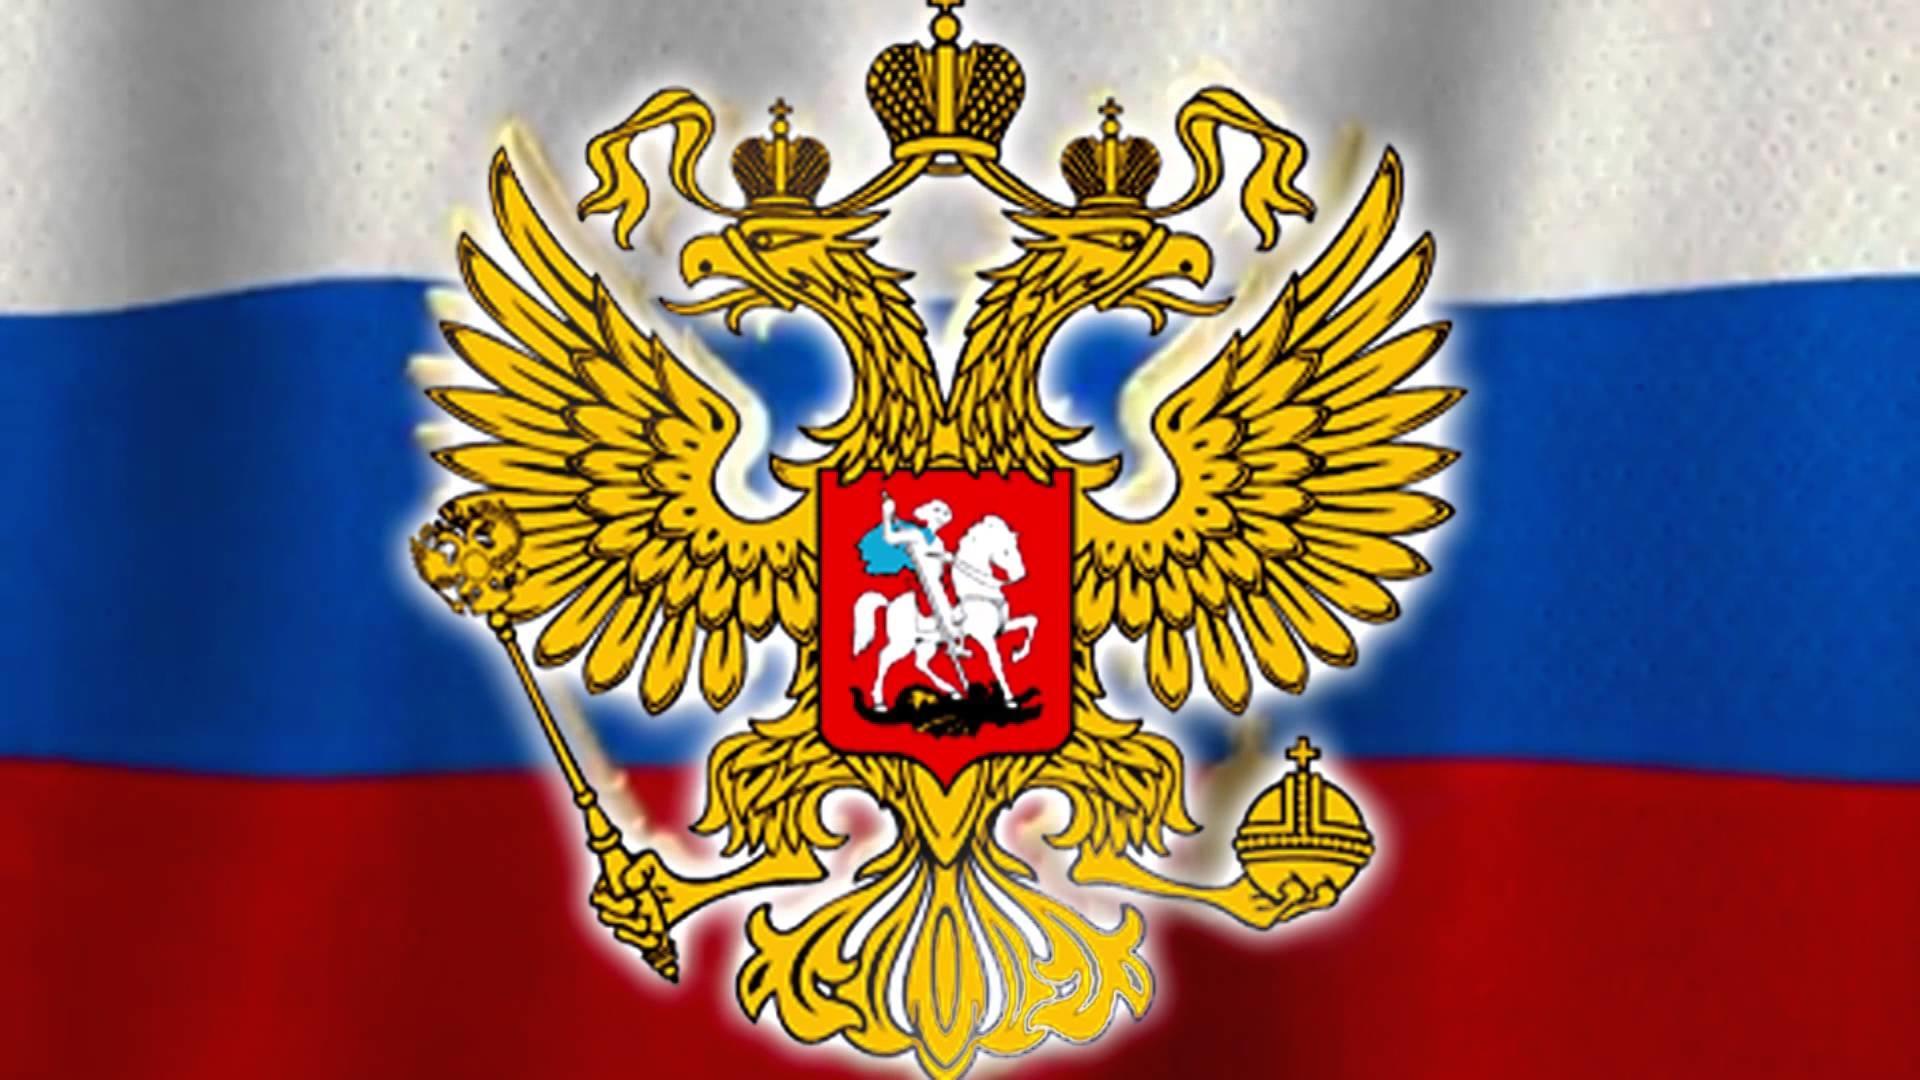 Обои для рабочего стола с гербом россии